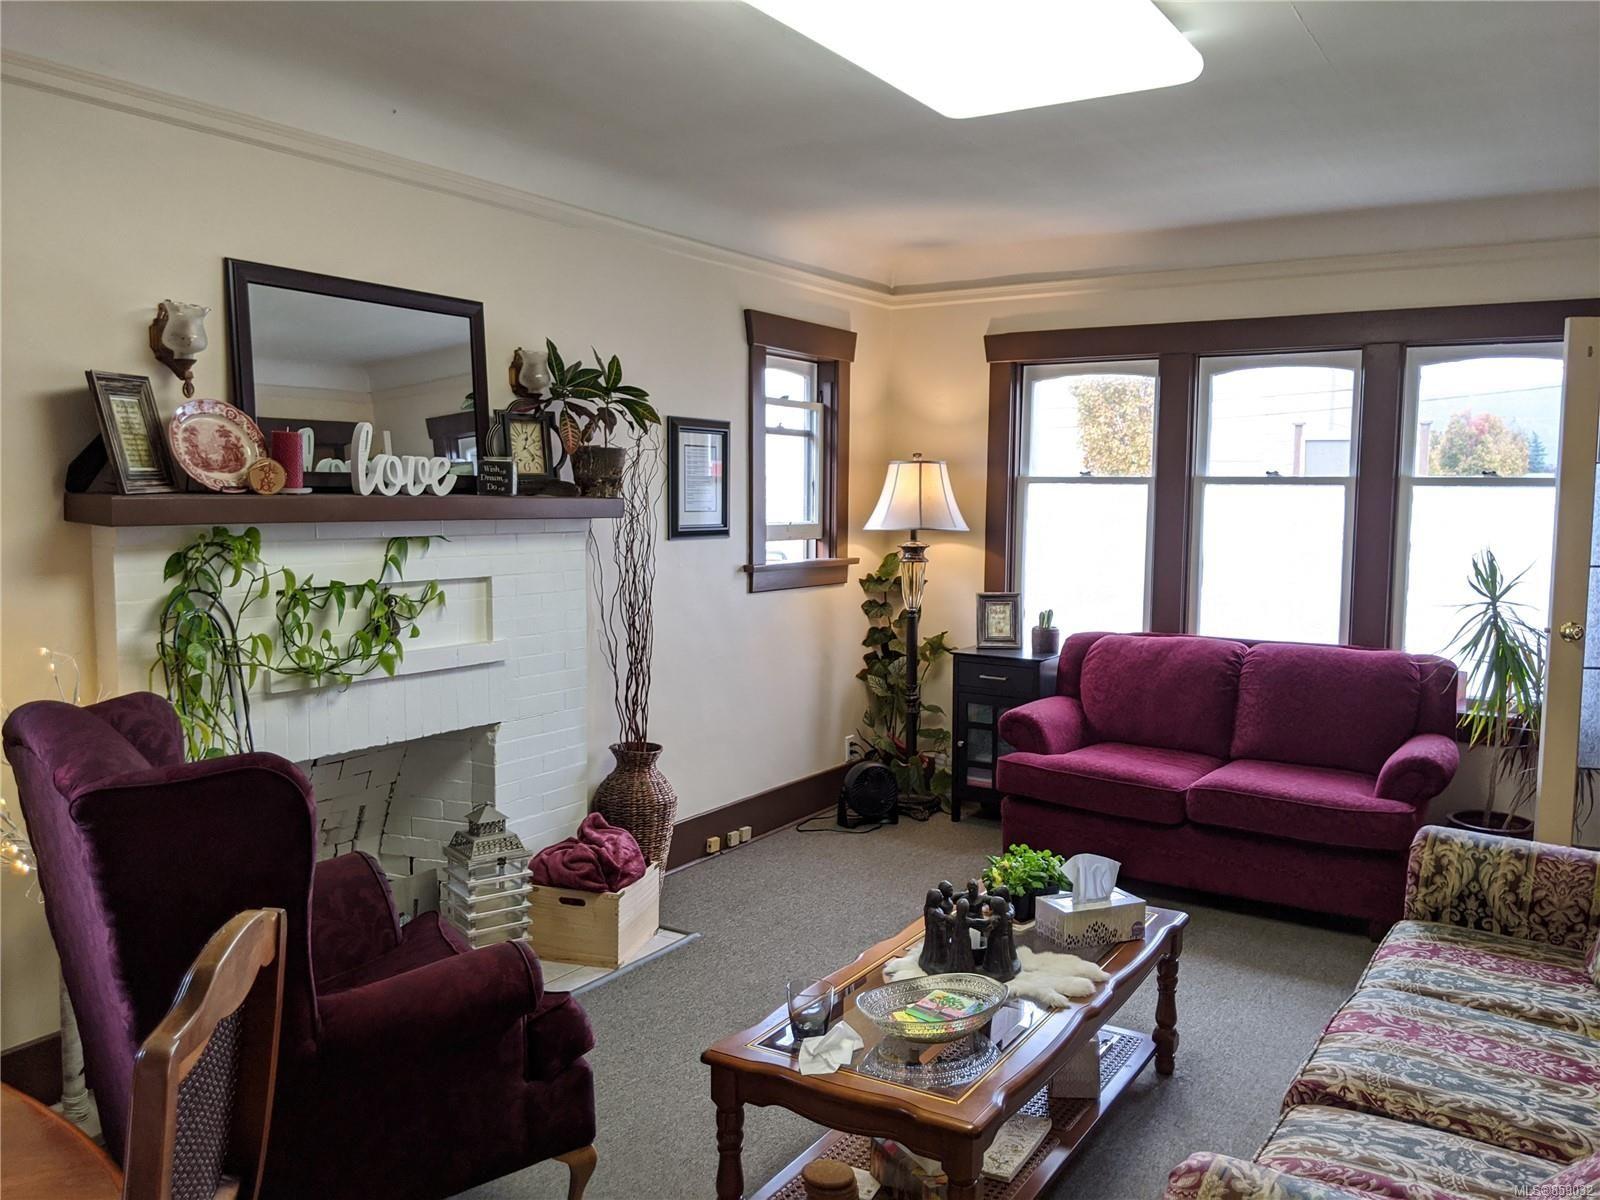 Photo 11: Photos: 331 St. Julian St in : Du West Duncan Office for sale (Duncan)  : MLS®# 859032